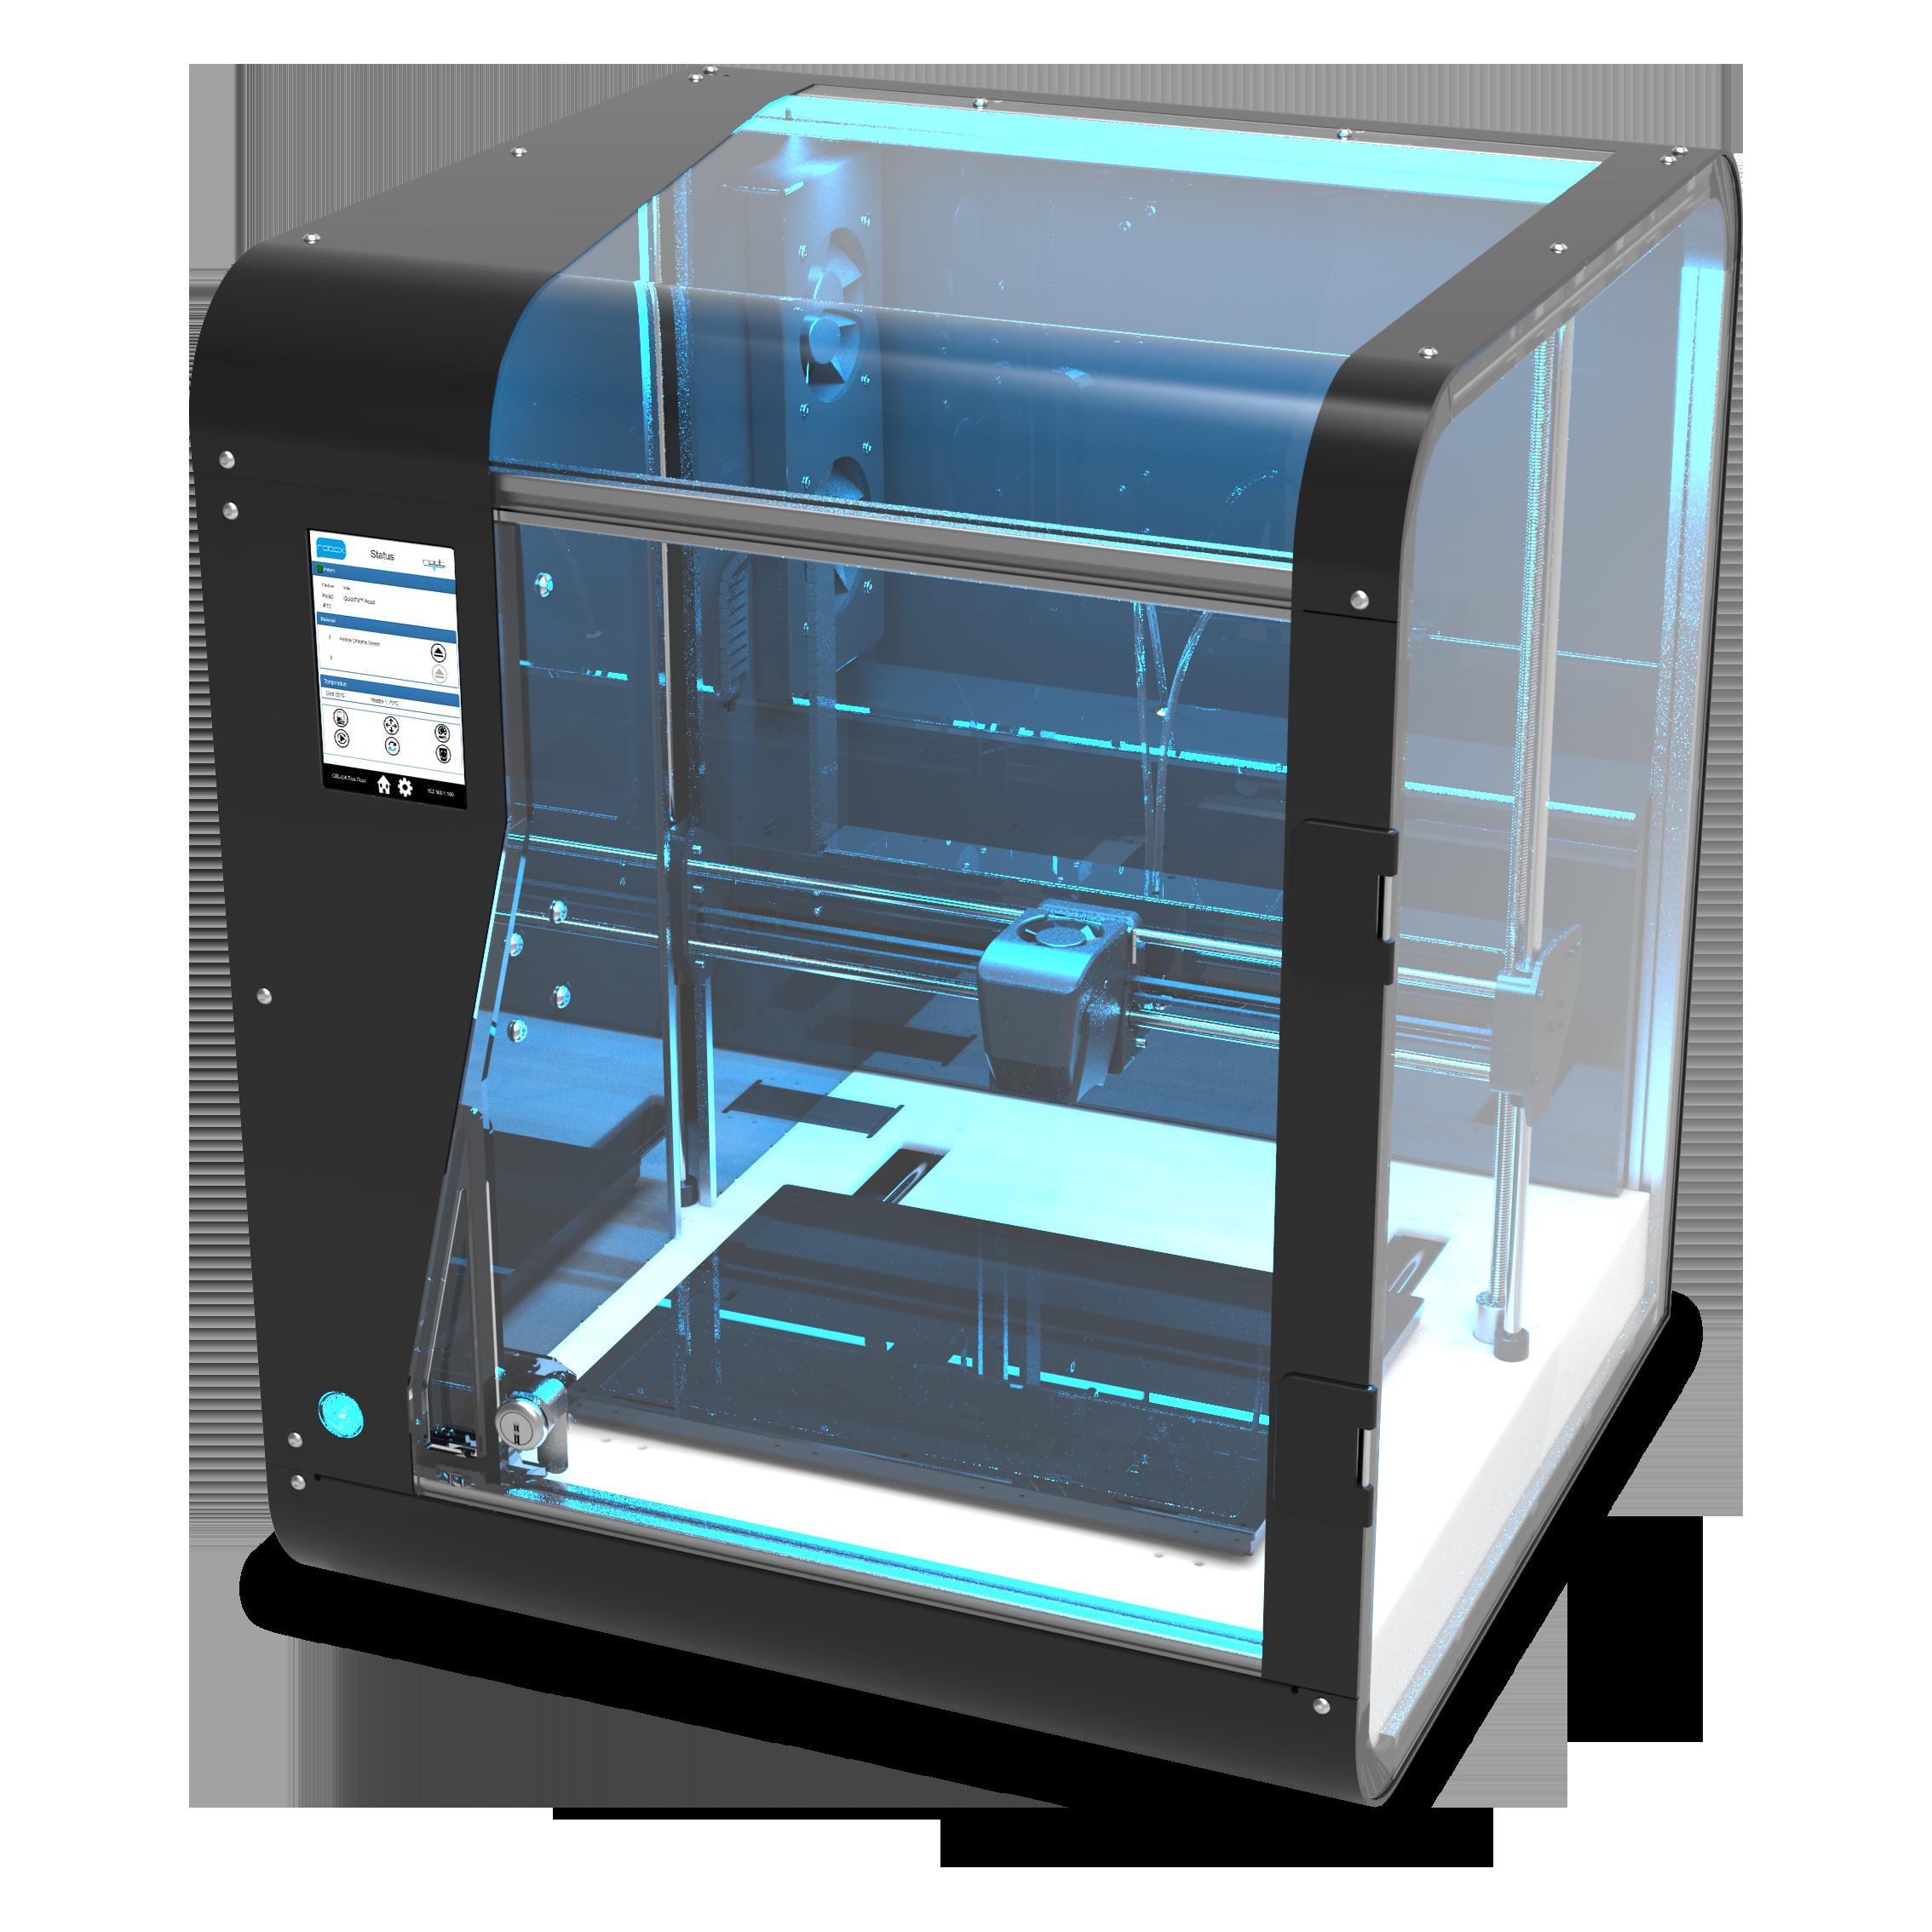 CEL RoboxPRO 3d printer 3d drucker1 - Britischer Hersteller CEL präsentiert RoboxPRO 3D-Drucker